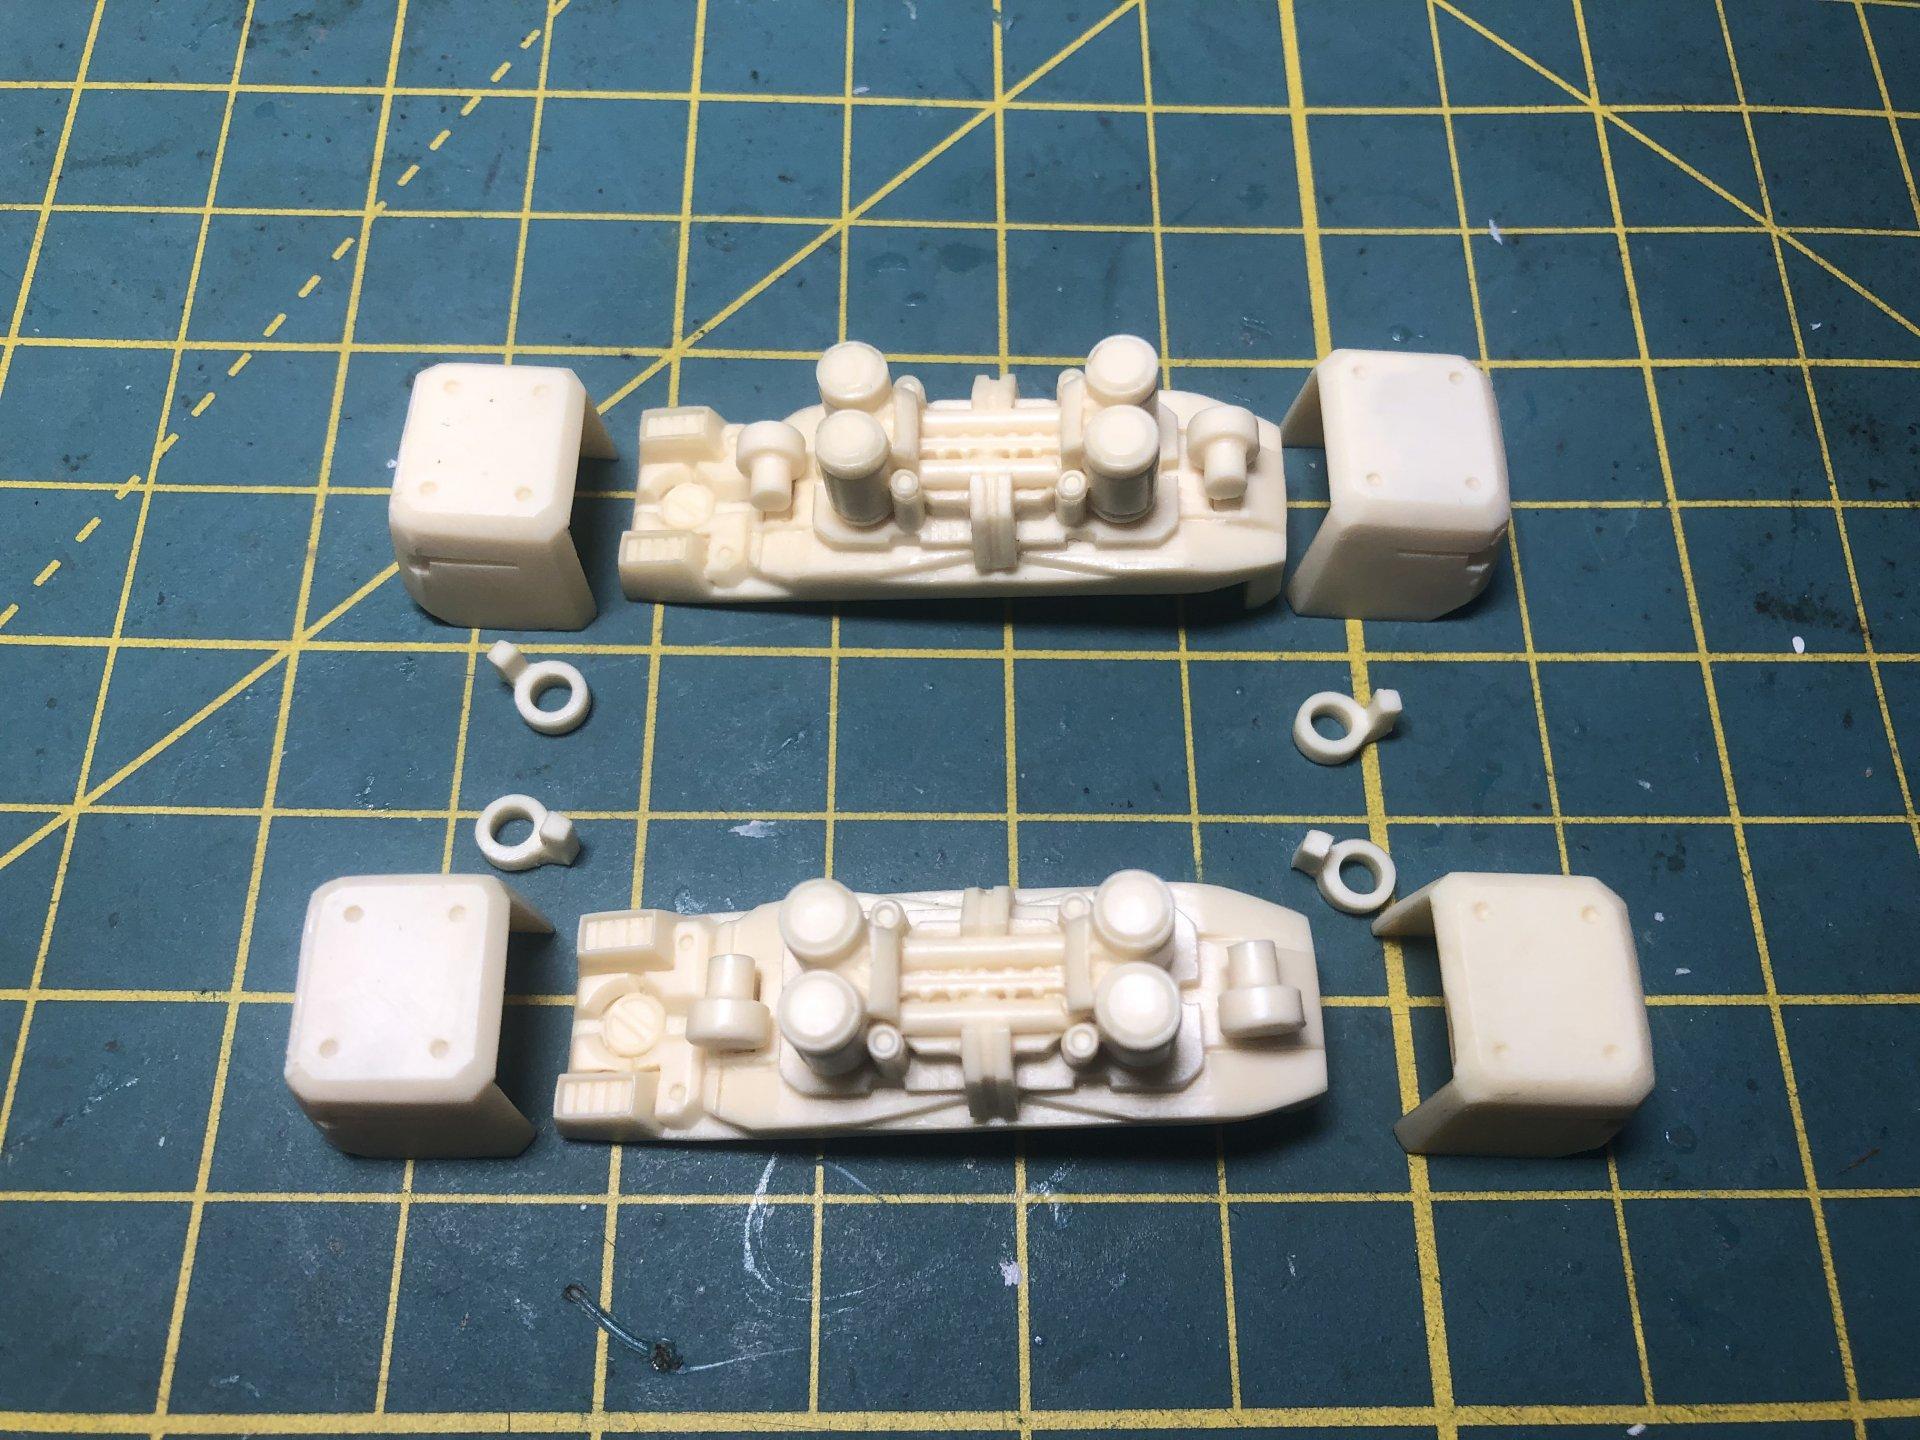 16AF6745-71F4-46AF-AB9C-D85000AE932B.jpeg